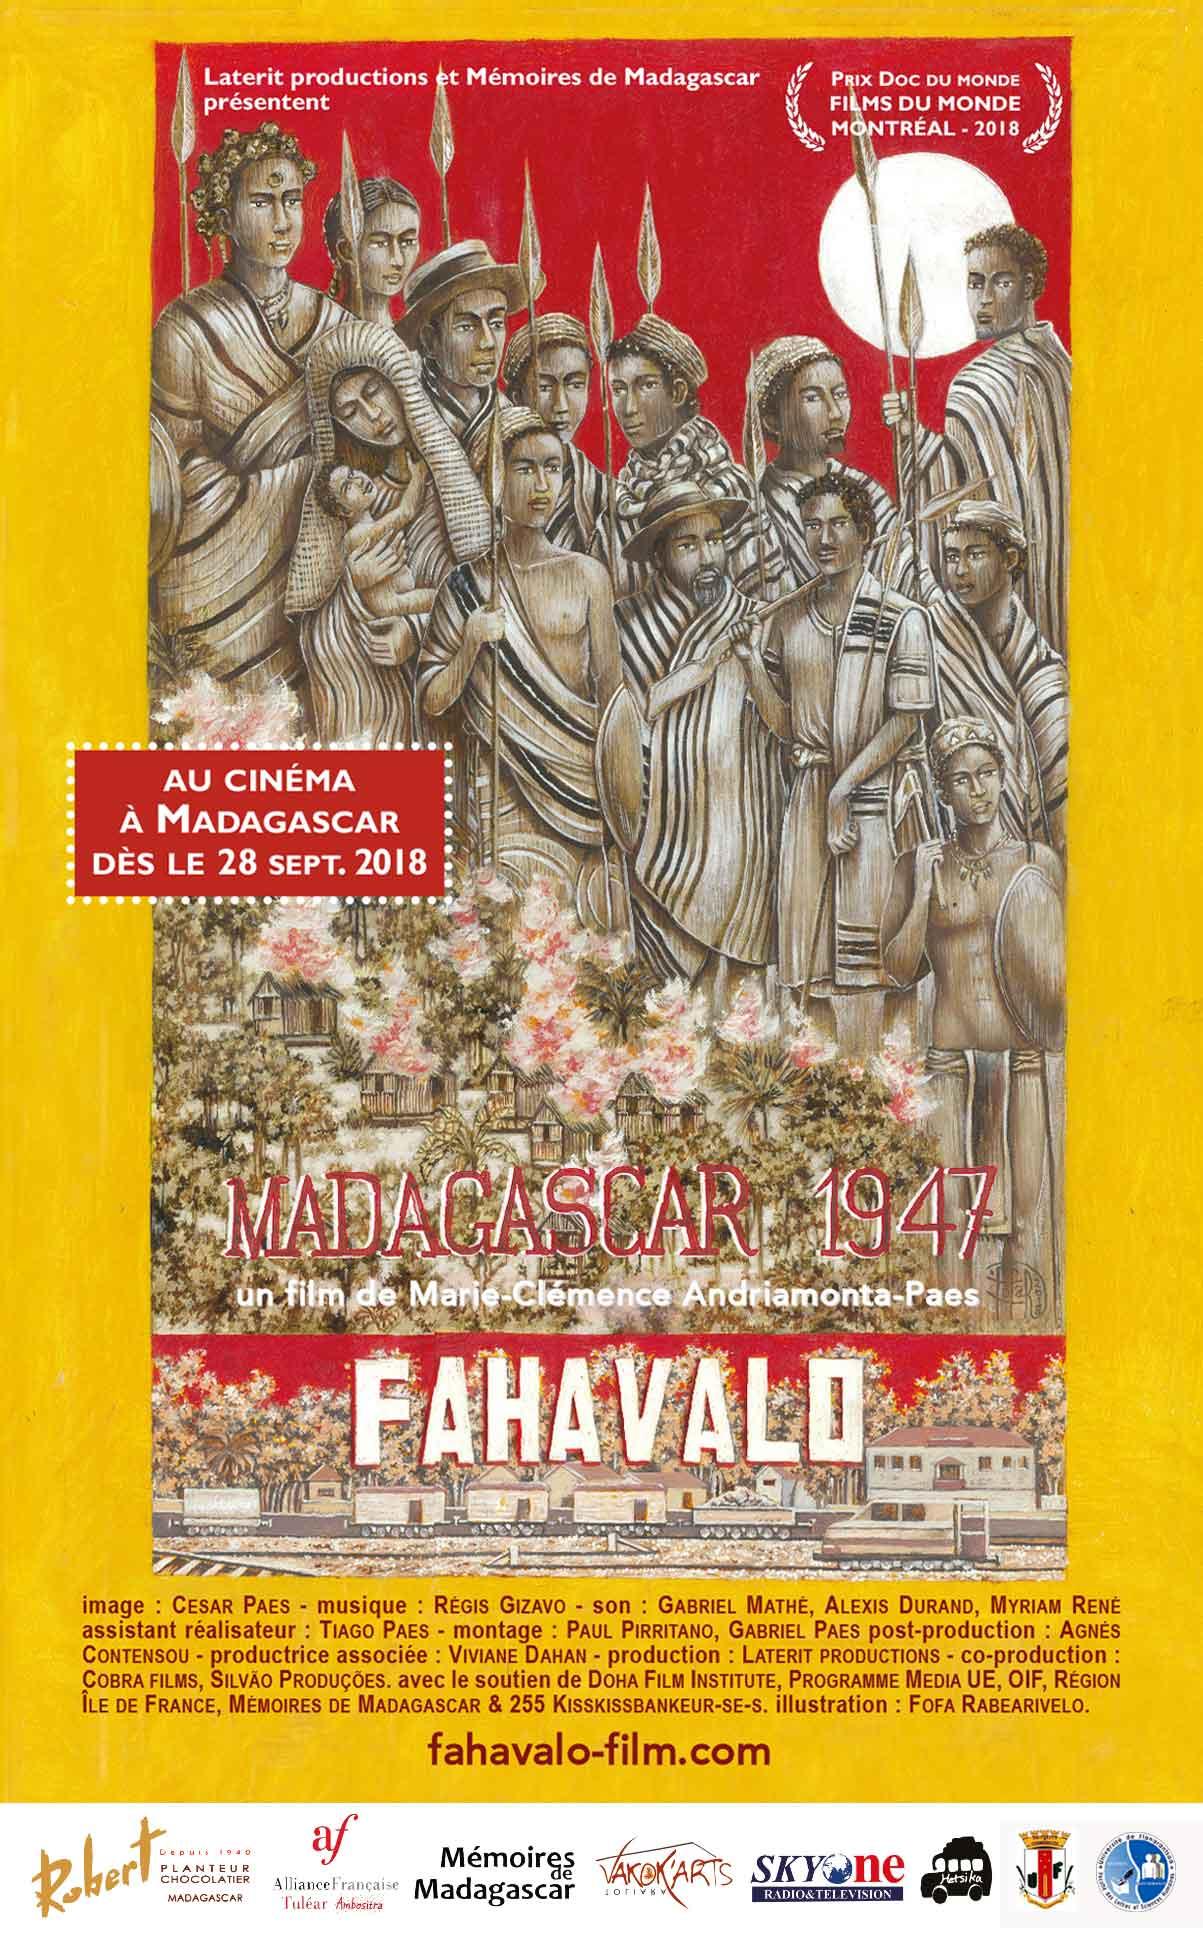 FAHAVALO poster par Fofa Rabearivelo